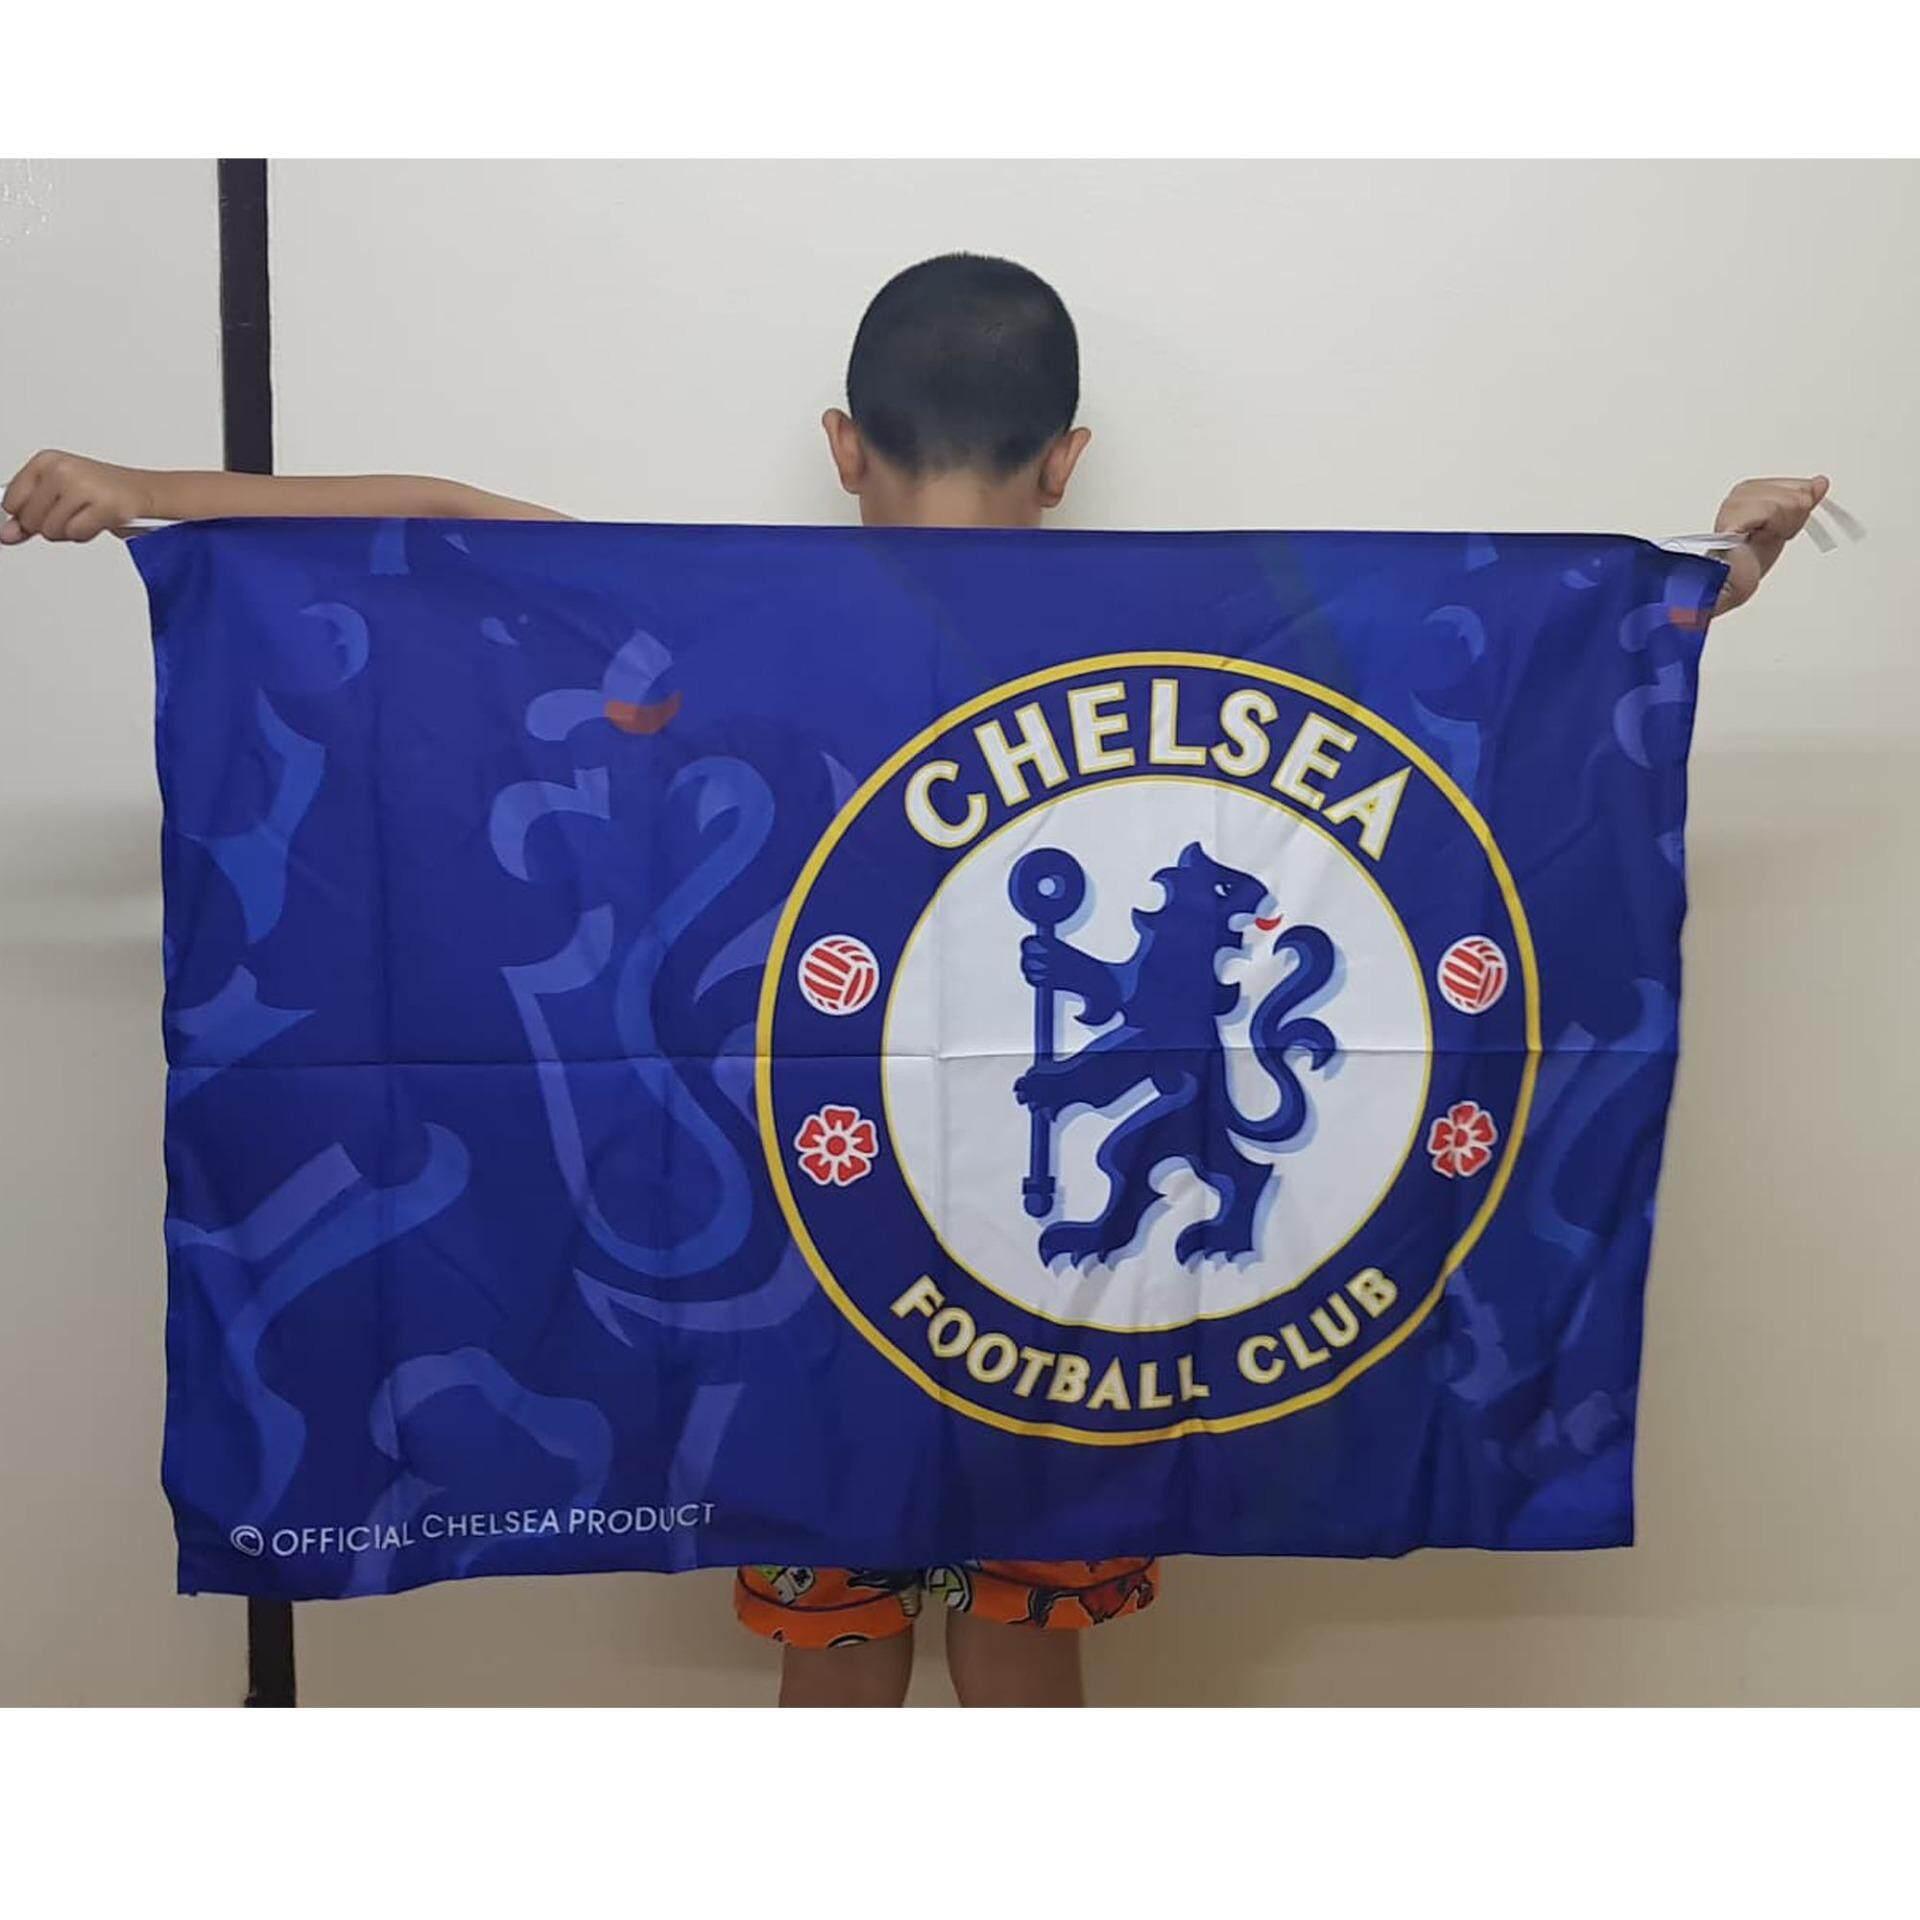 ธงลายทีมสโมสร เชลซี